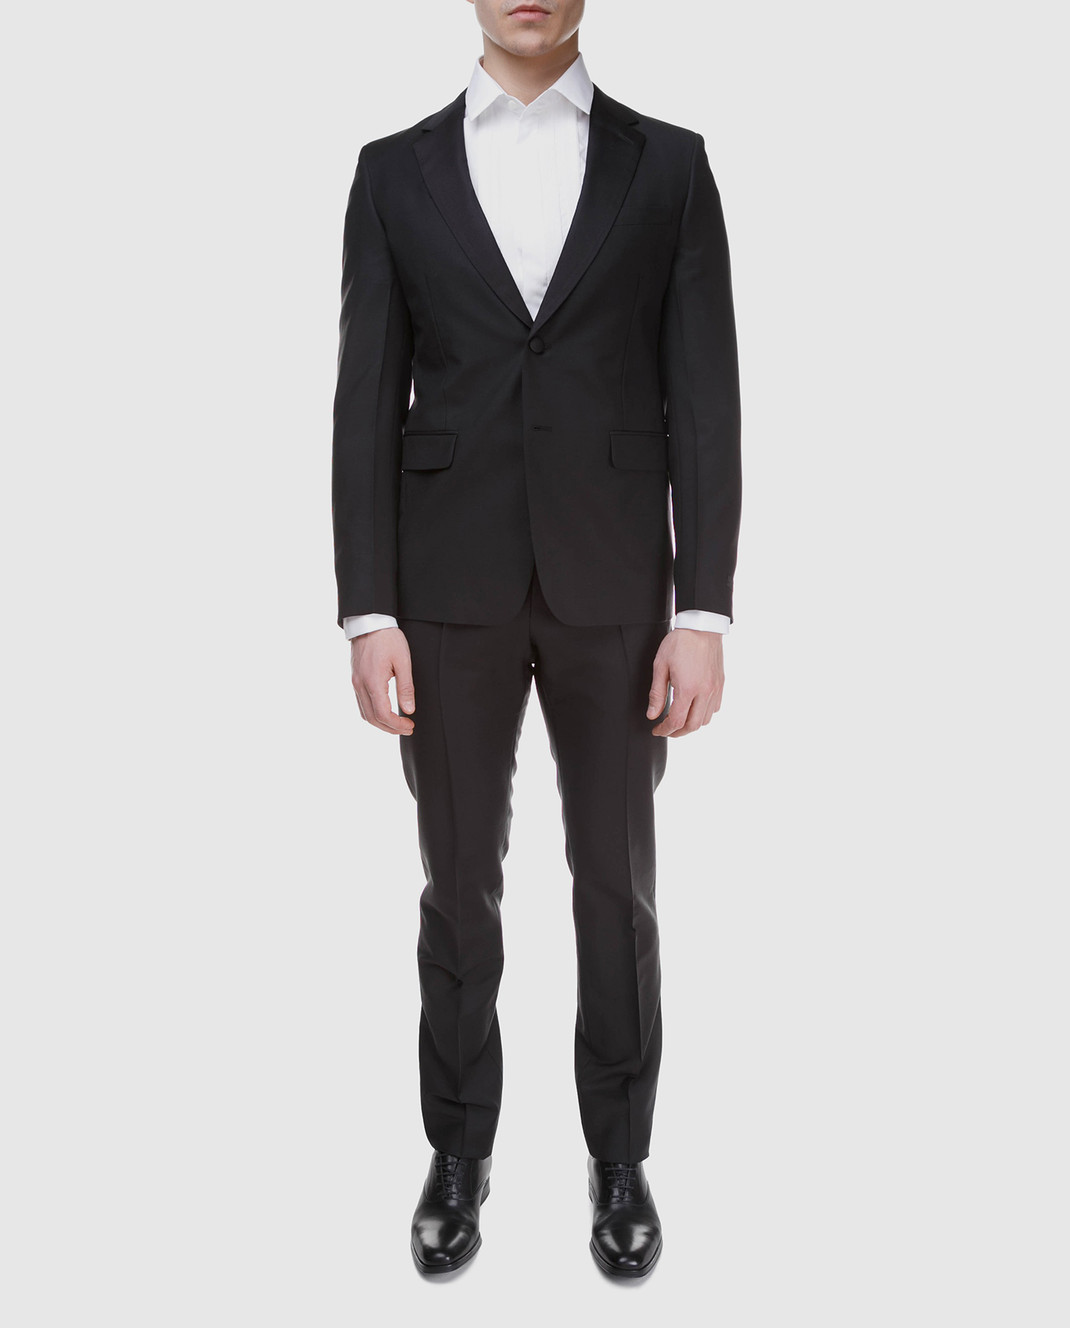 Prada Черный костюм из мохера и шерсти UAF4201KNB изображение 2